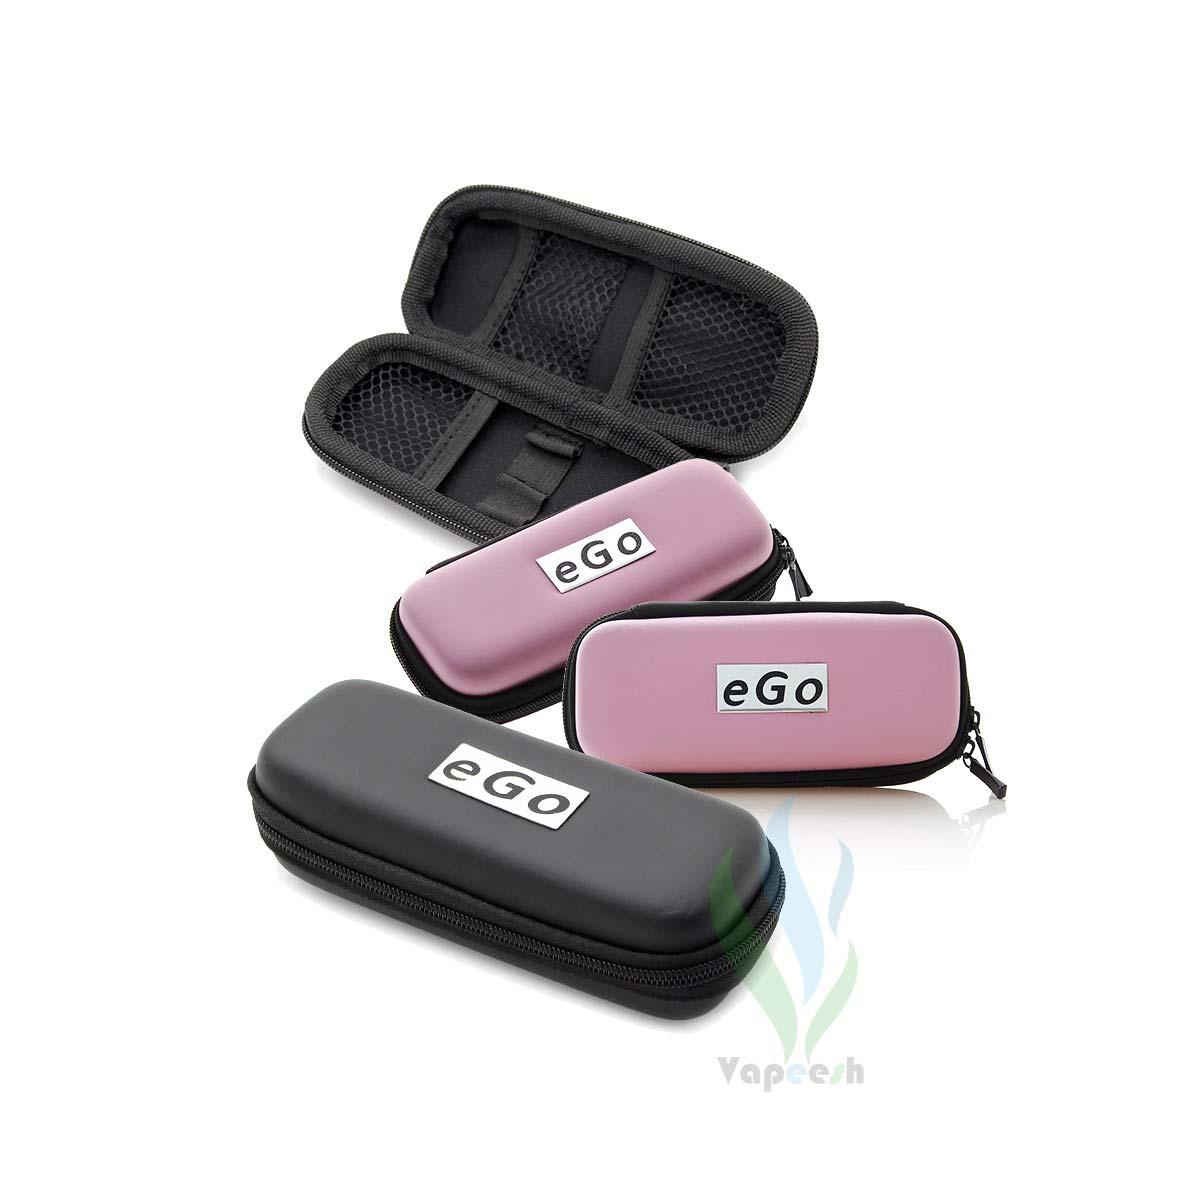 eGo Carry Case Pink & Black